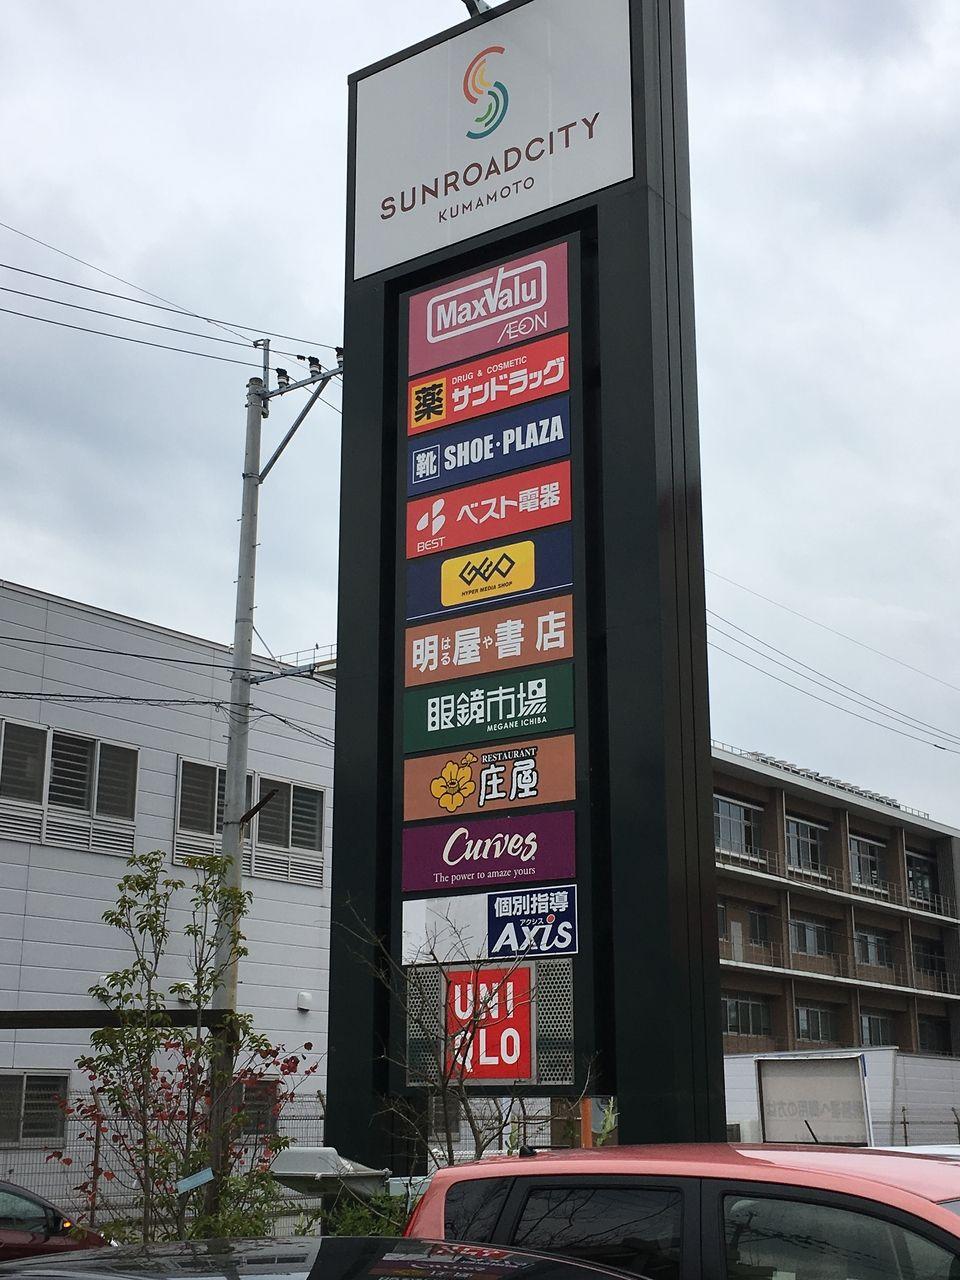 熊本市東区東町にあるサンロードシティ熊本